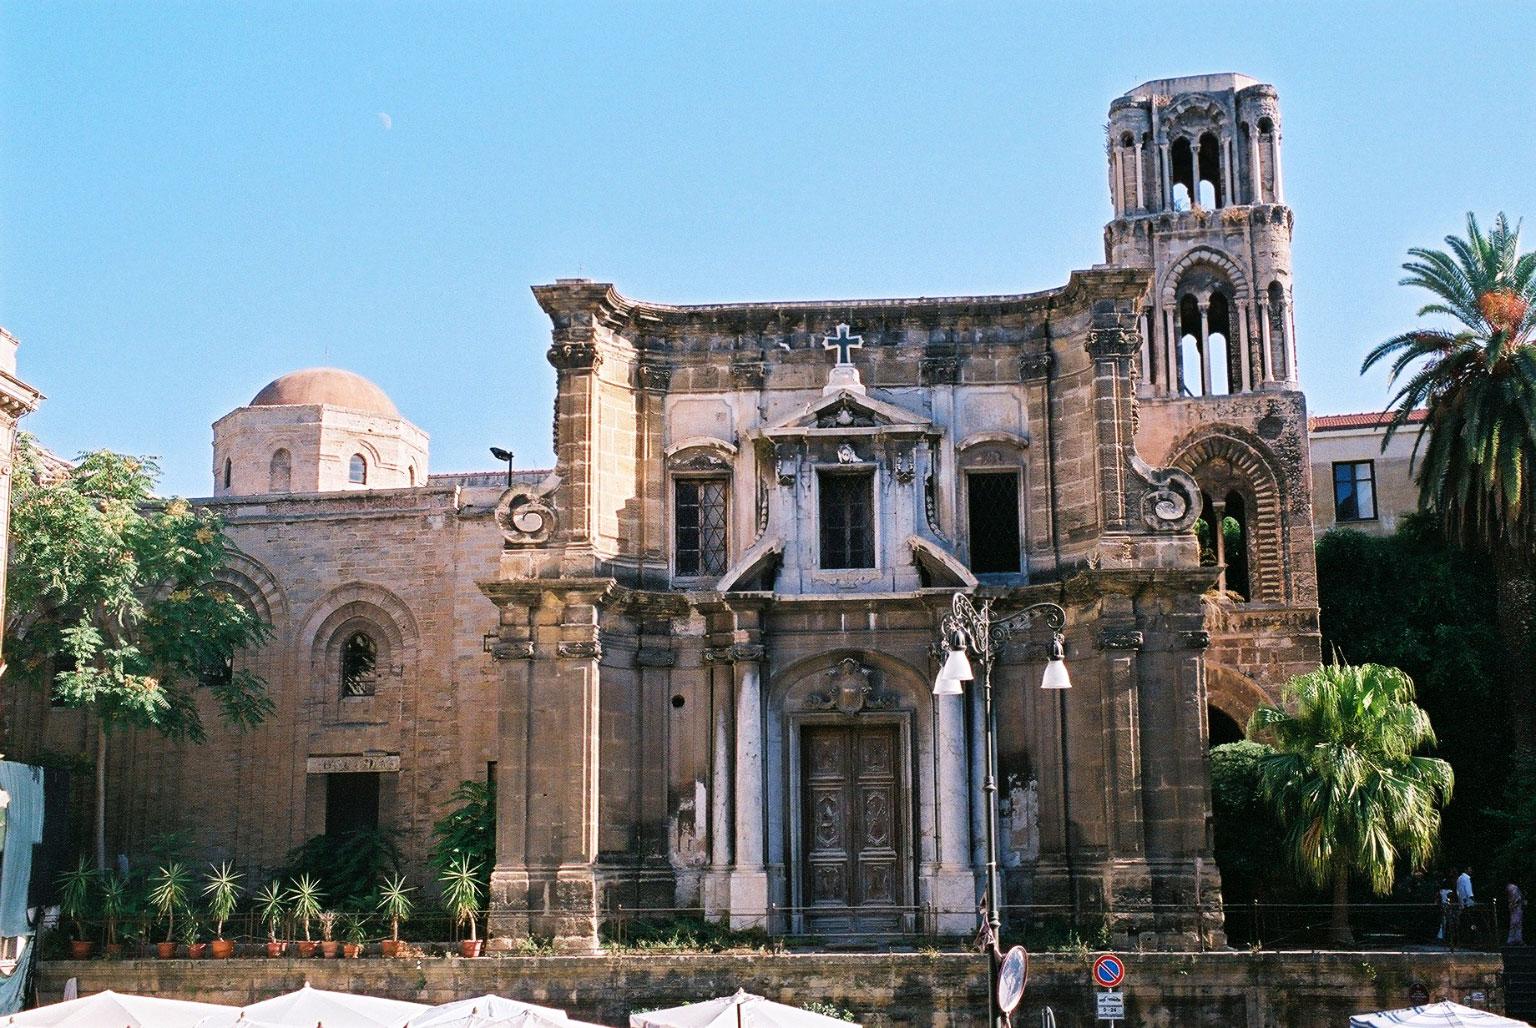 chiesa santa maria dell'ammiraglio (la martorana)